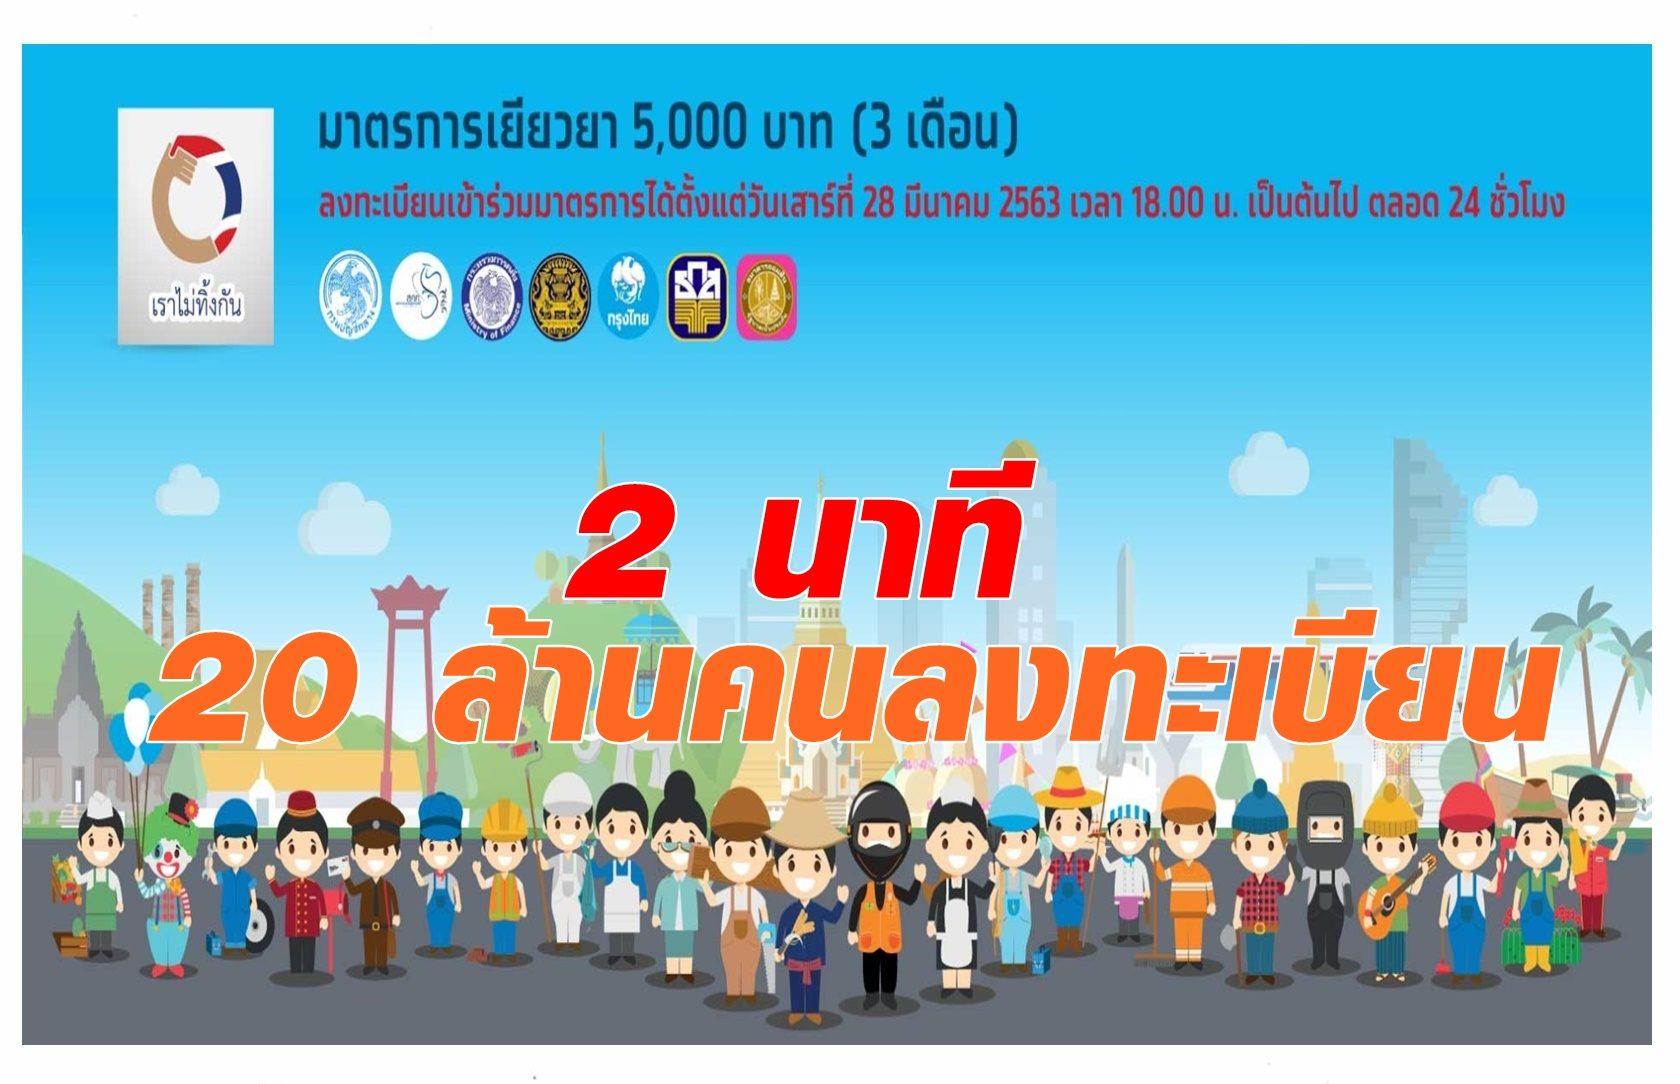 แค่ 2 นาทีแรก!! แห่ลงทะเบียนถล่มทลาย 20 ล้านทำเว็บแตก กรุงไทยขออภัย